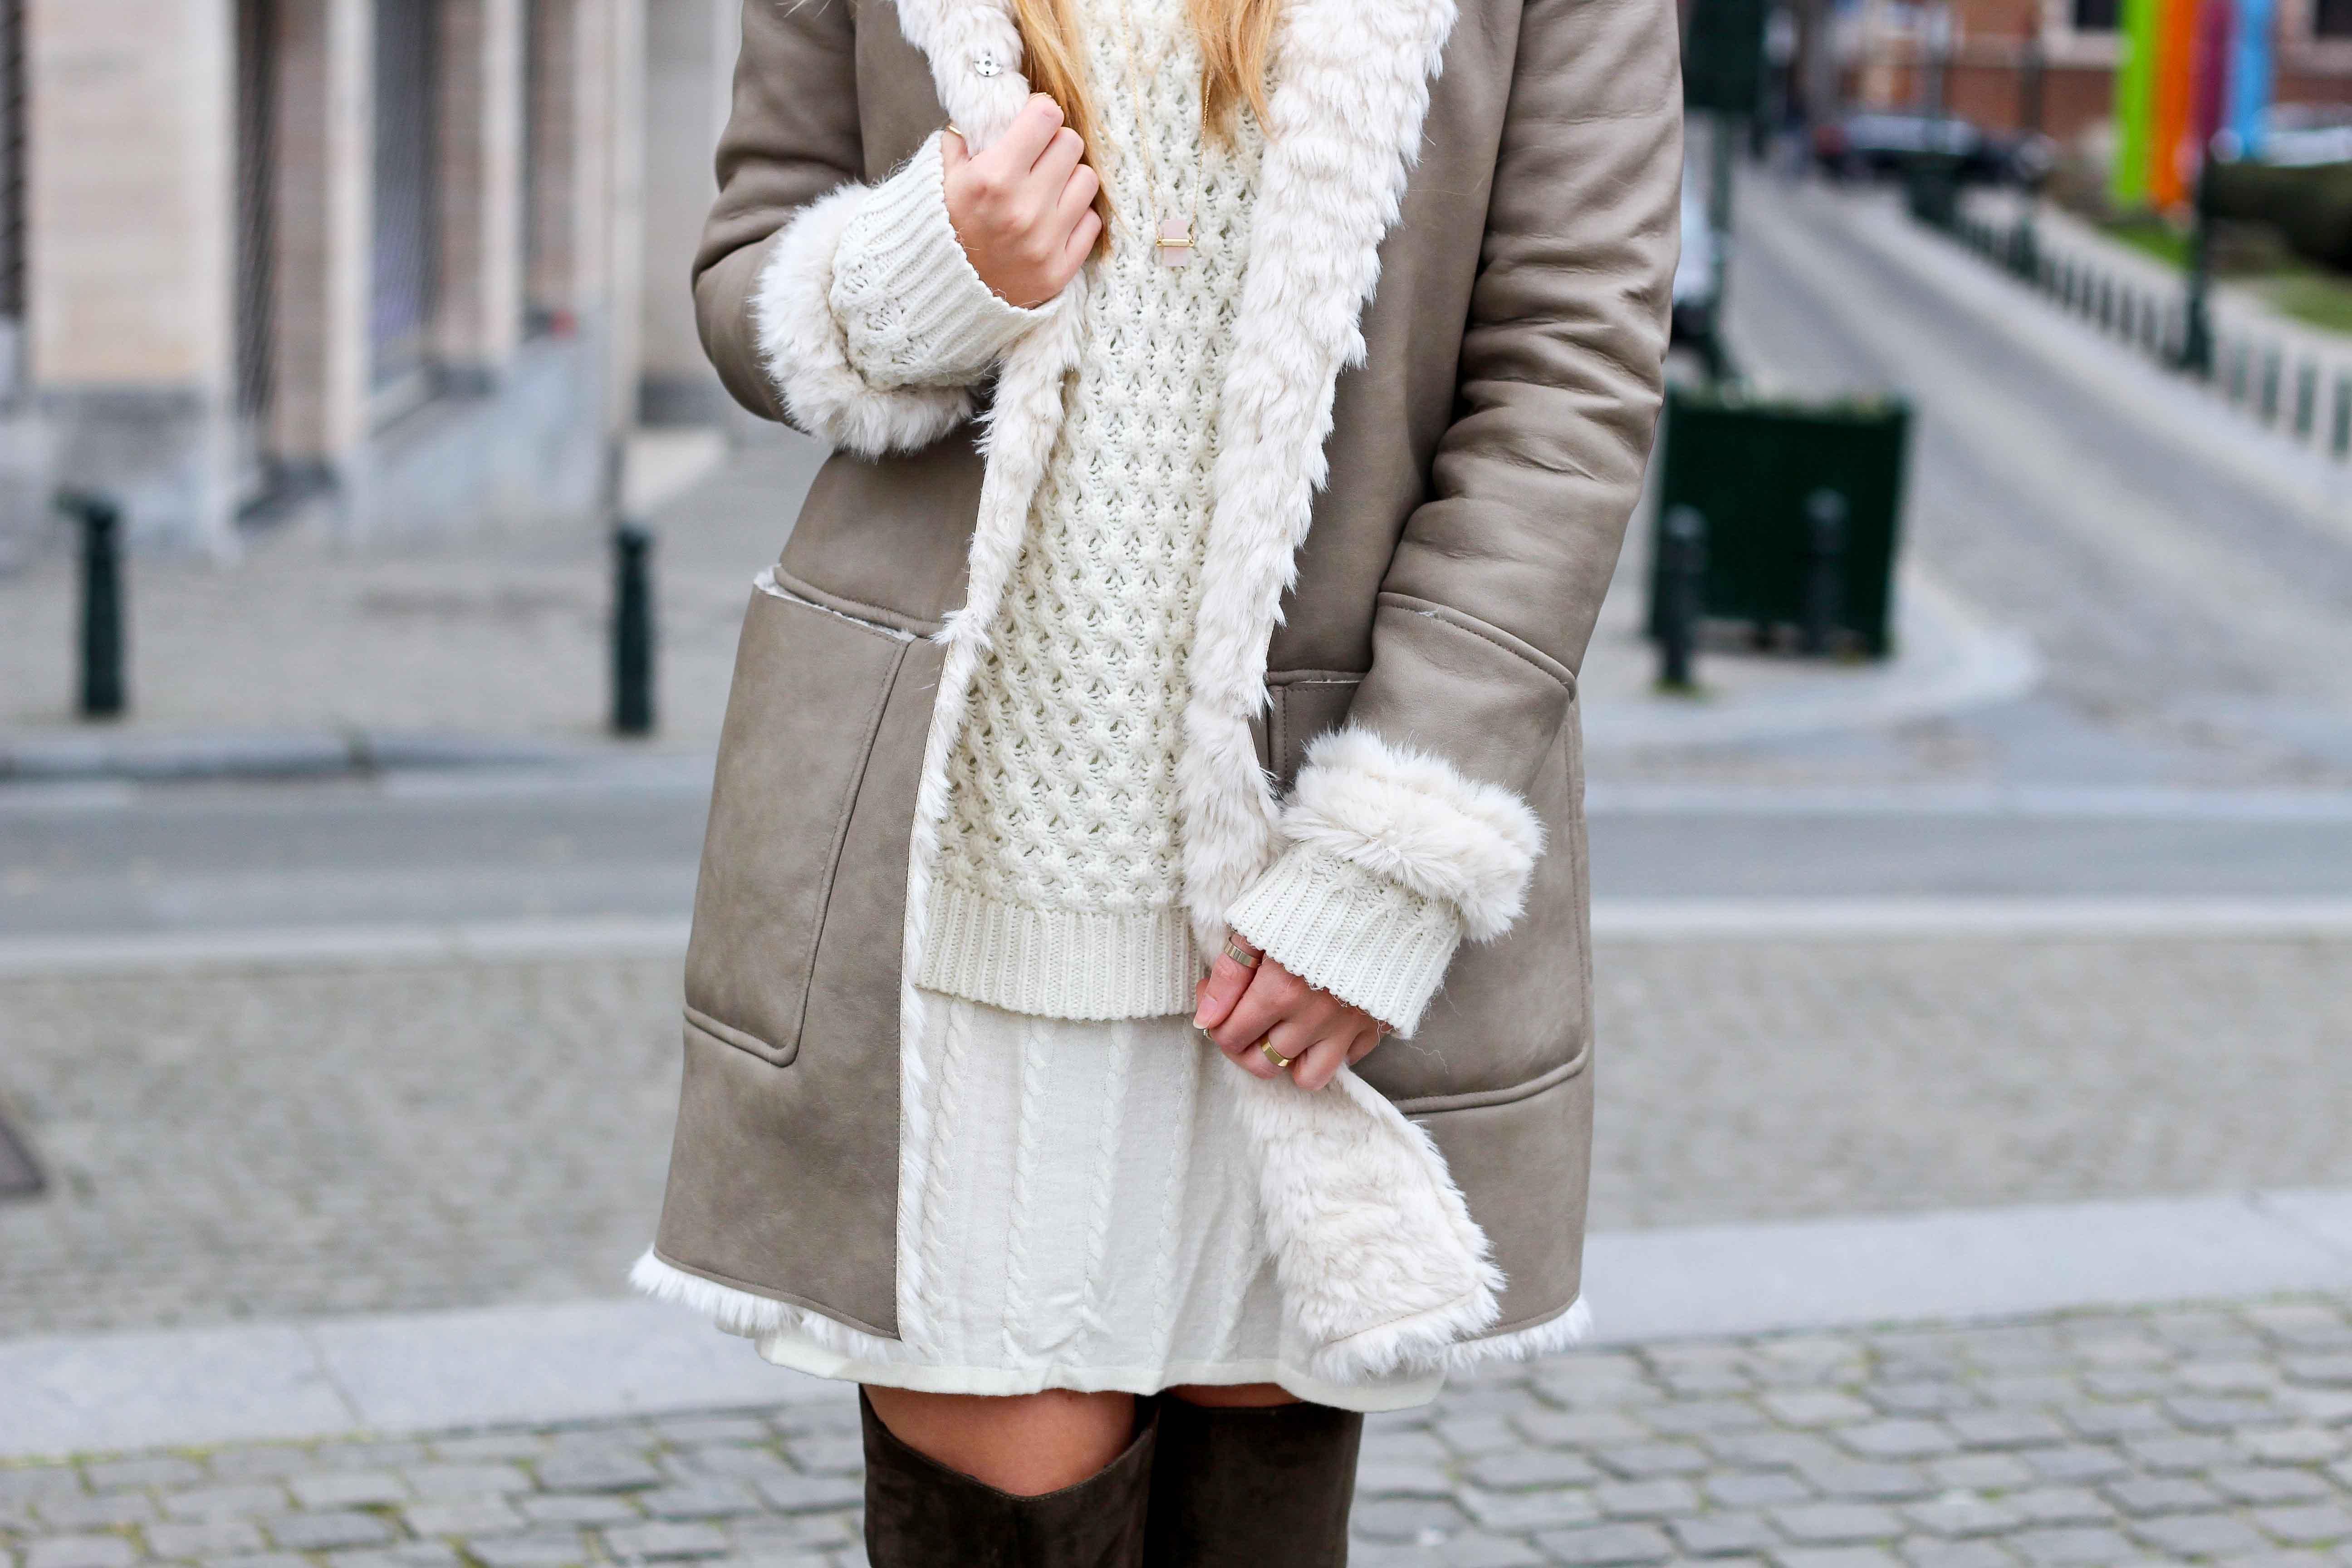 Grüne Overknees Zara Ledermantel Overknee Stiefel Nude Wollkleid Fashion Look Modeblog 9